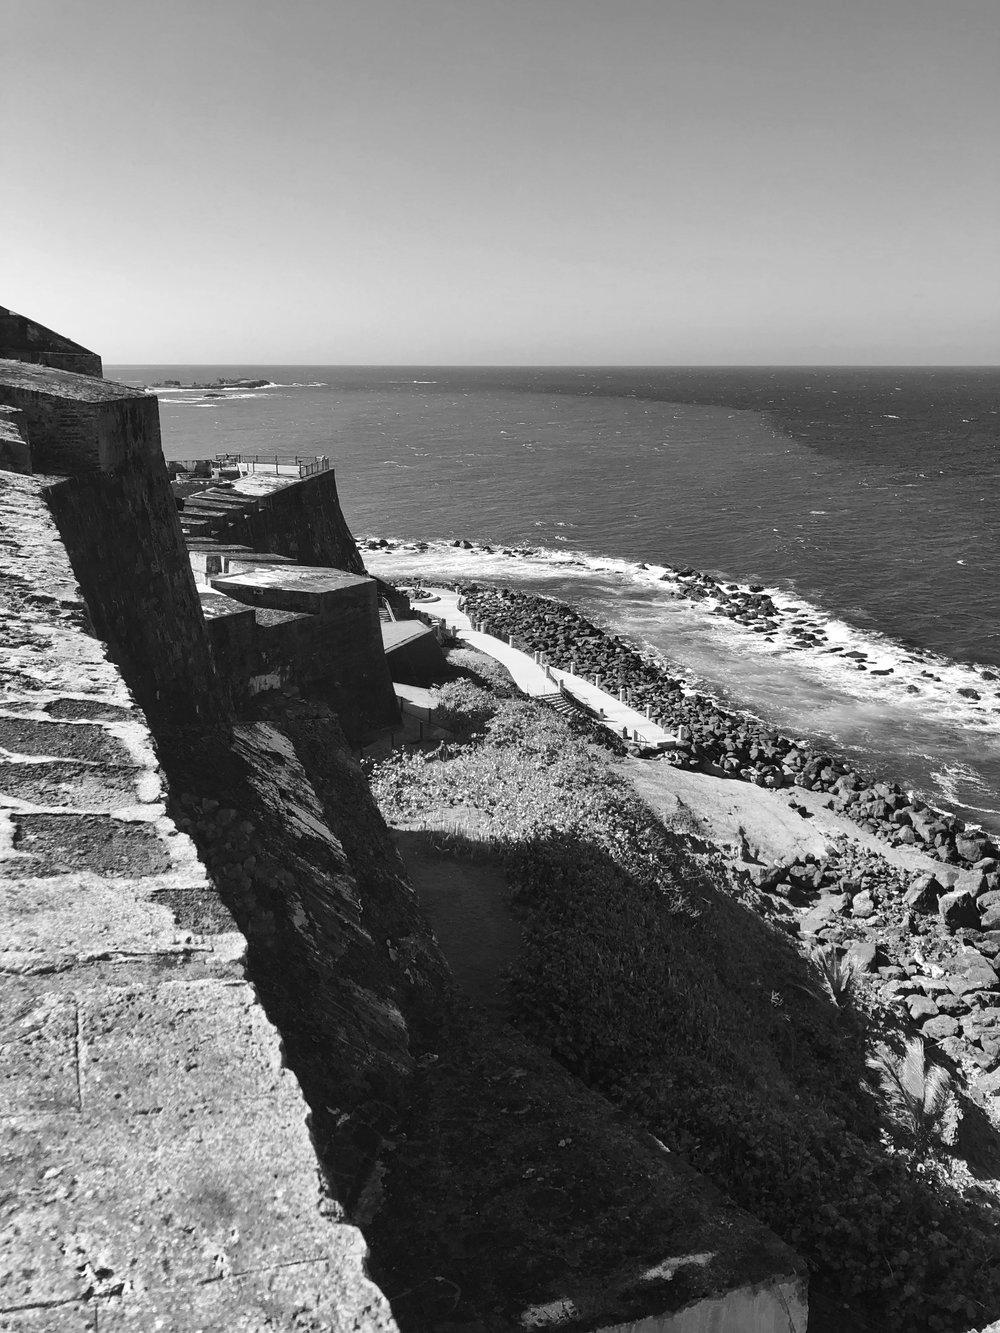 Stepping Down to the Sea, Castillo San Felipe del Morro, Puerto Rico